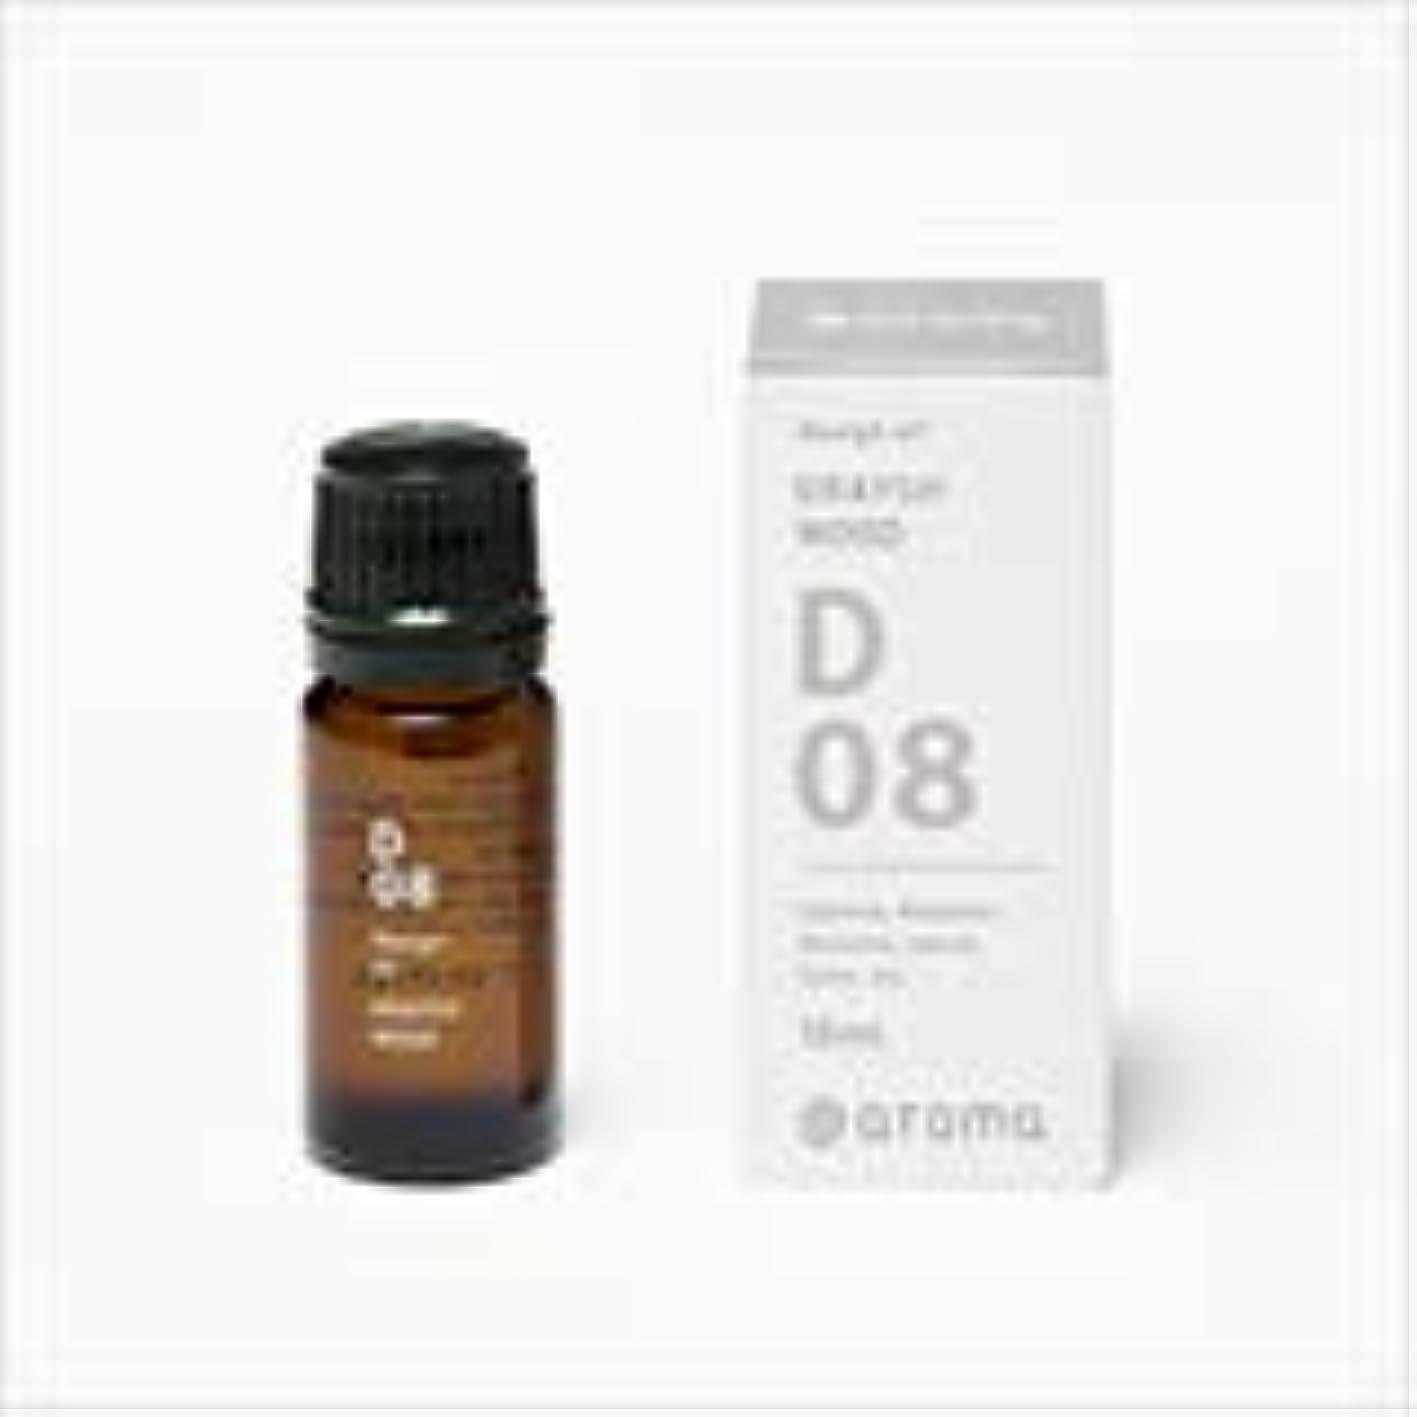 用量ライラックマッサージアットアロマ 100%pure essential oil <Design air グルーヴィーフォレスト>